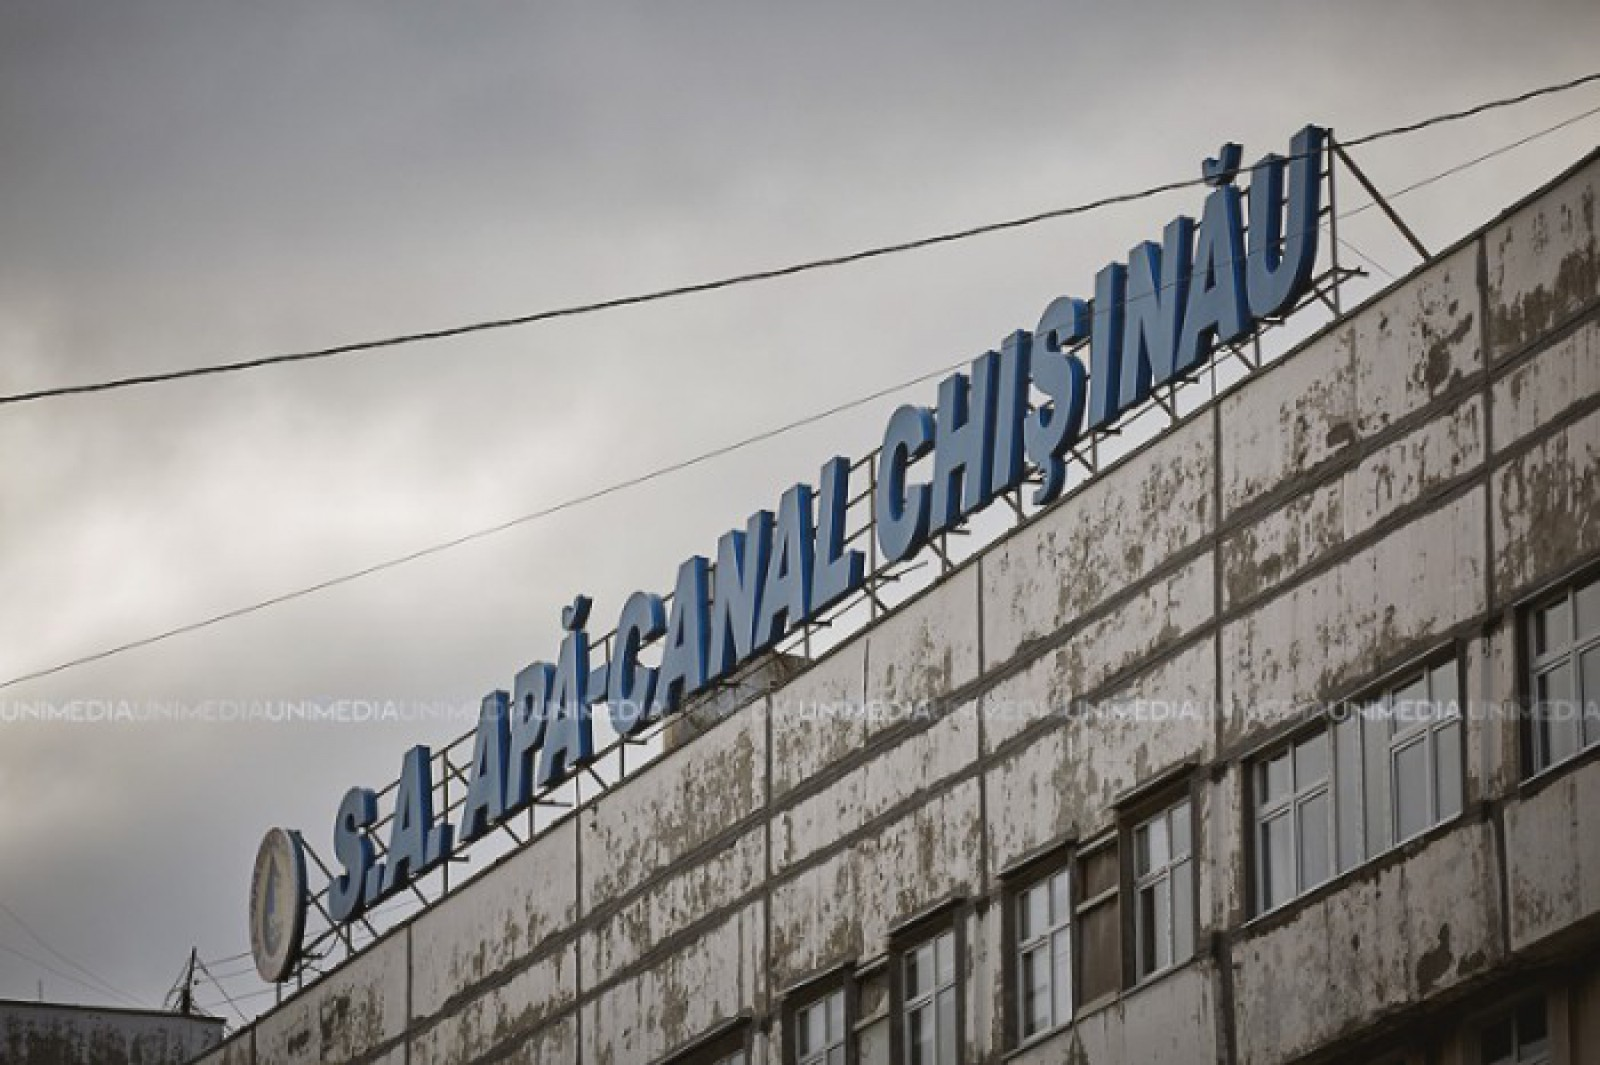 Mold-street: O nouă scumpire. De astă dată la apă şi servicii de canalizare